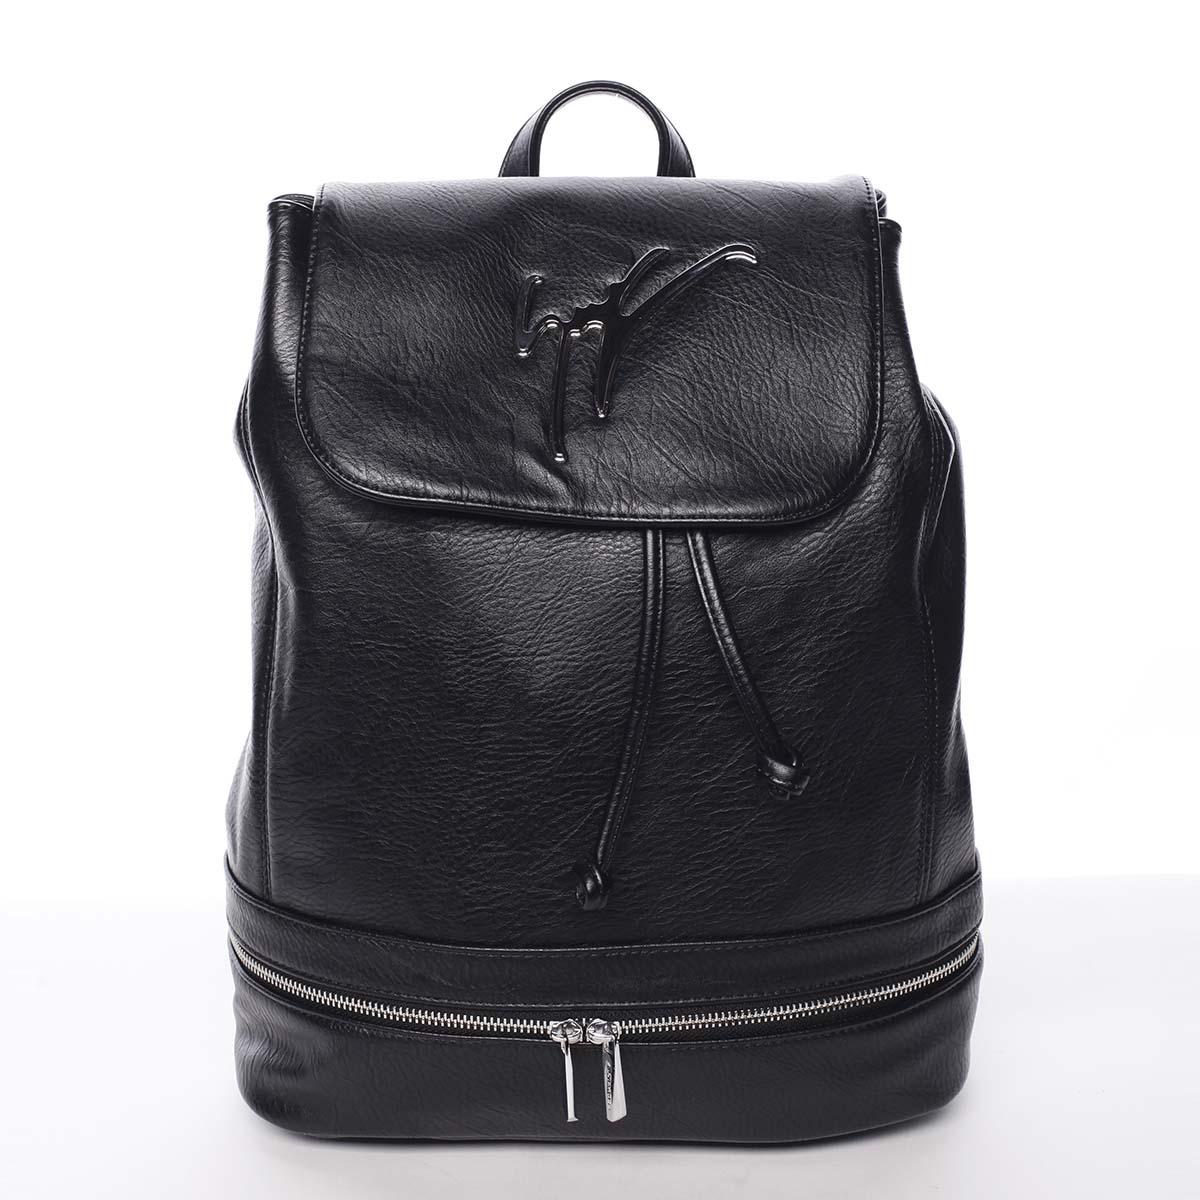 Trendy dámsky mestský ruksak čierny - Silvia Rosa Karely